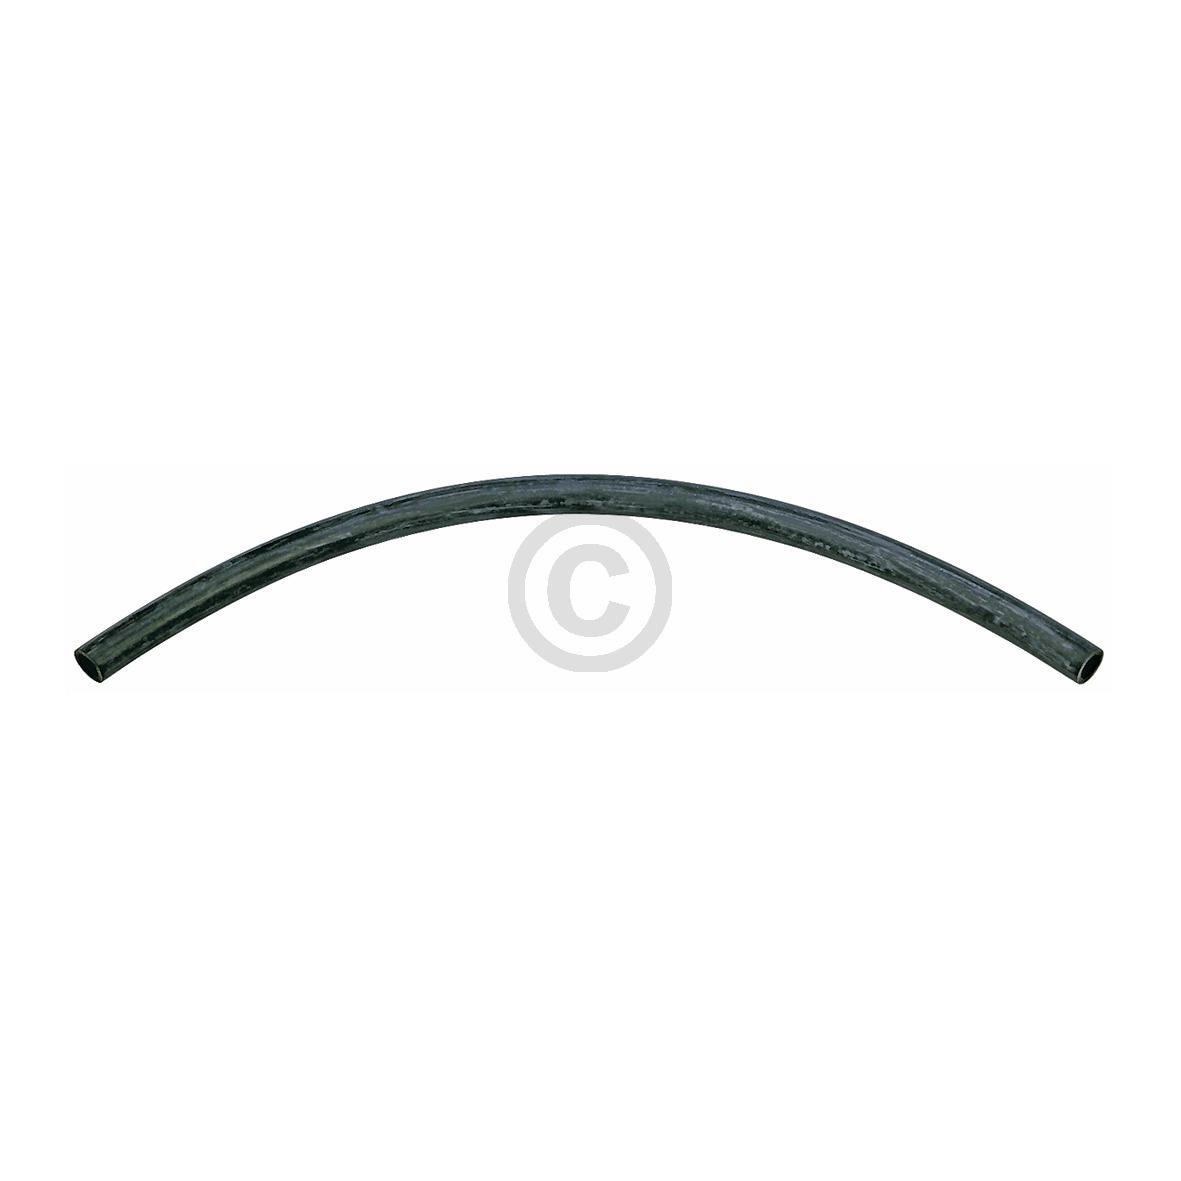 Schlauch für Magnetventil mit 10,5mmØ 00171262 171262 Bosch, Siemens, Neff